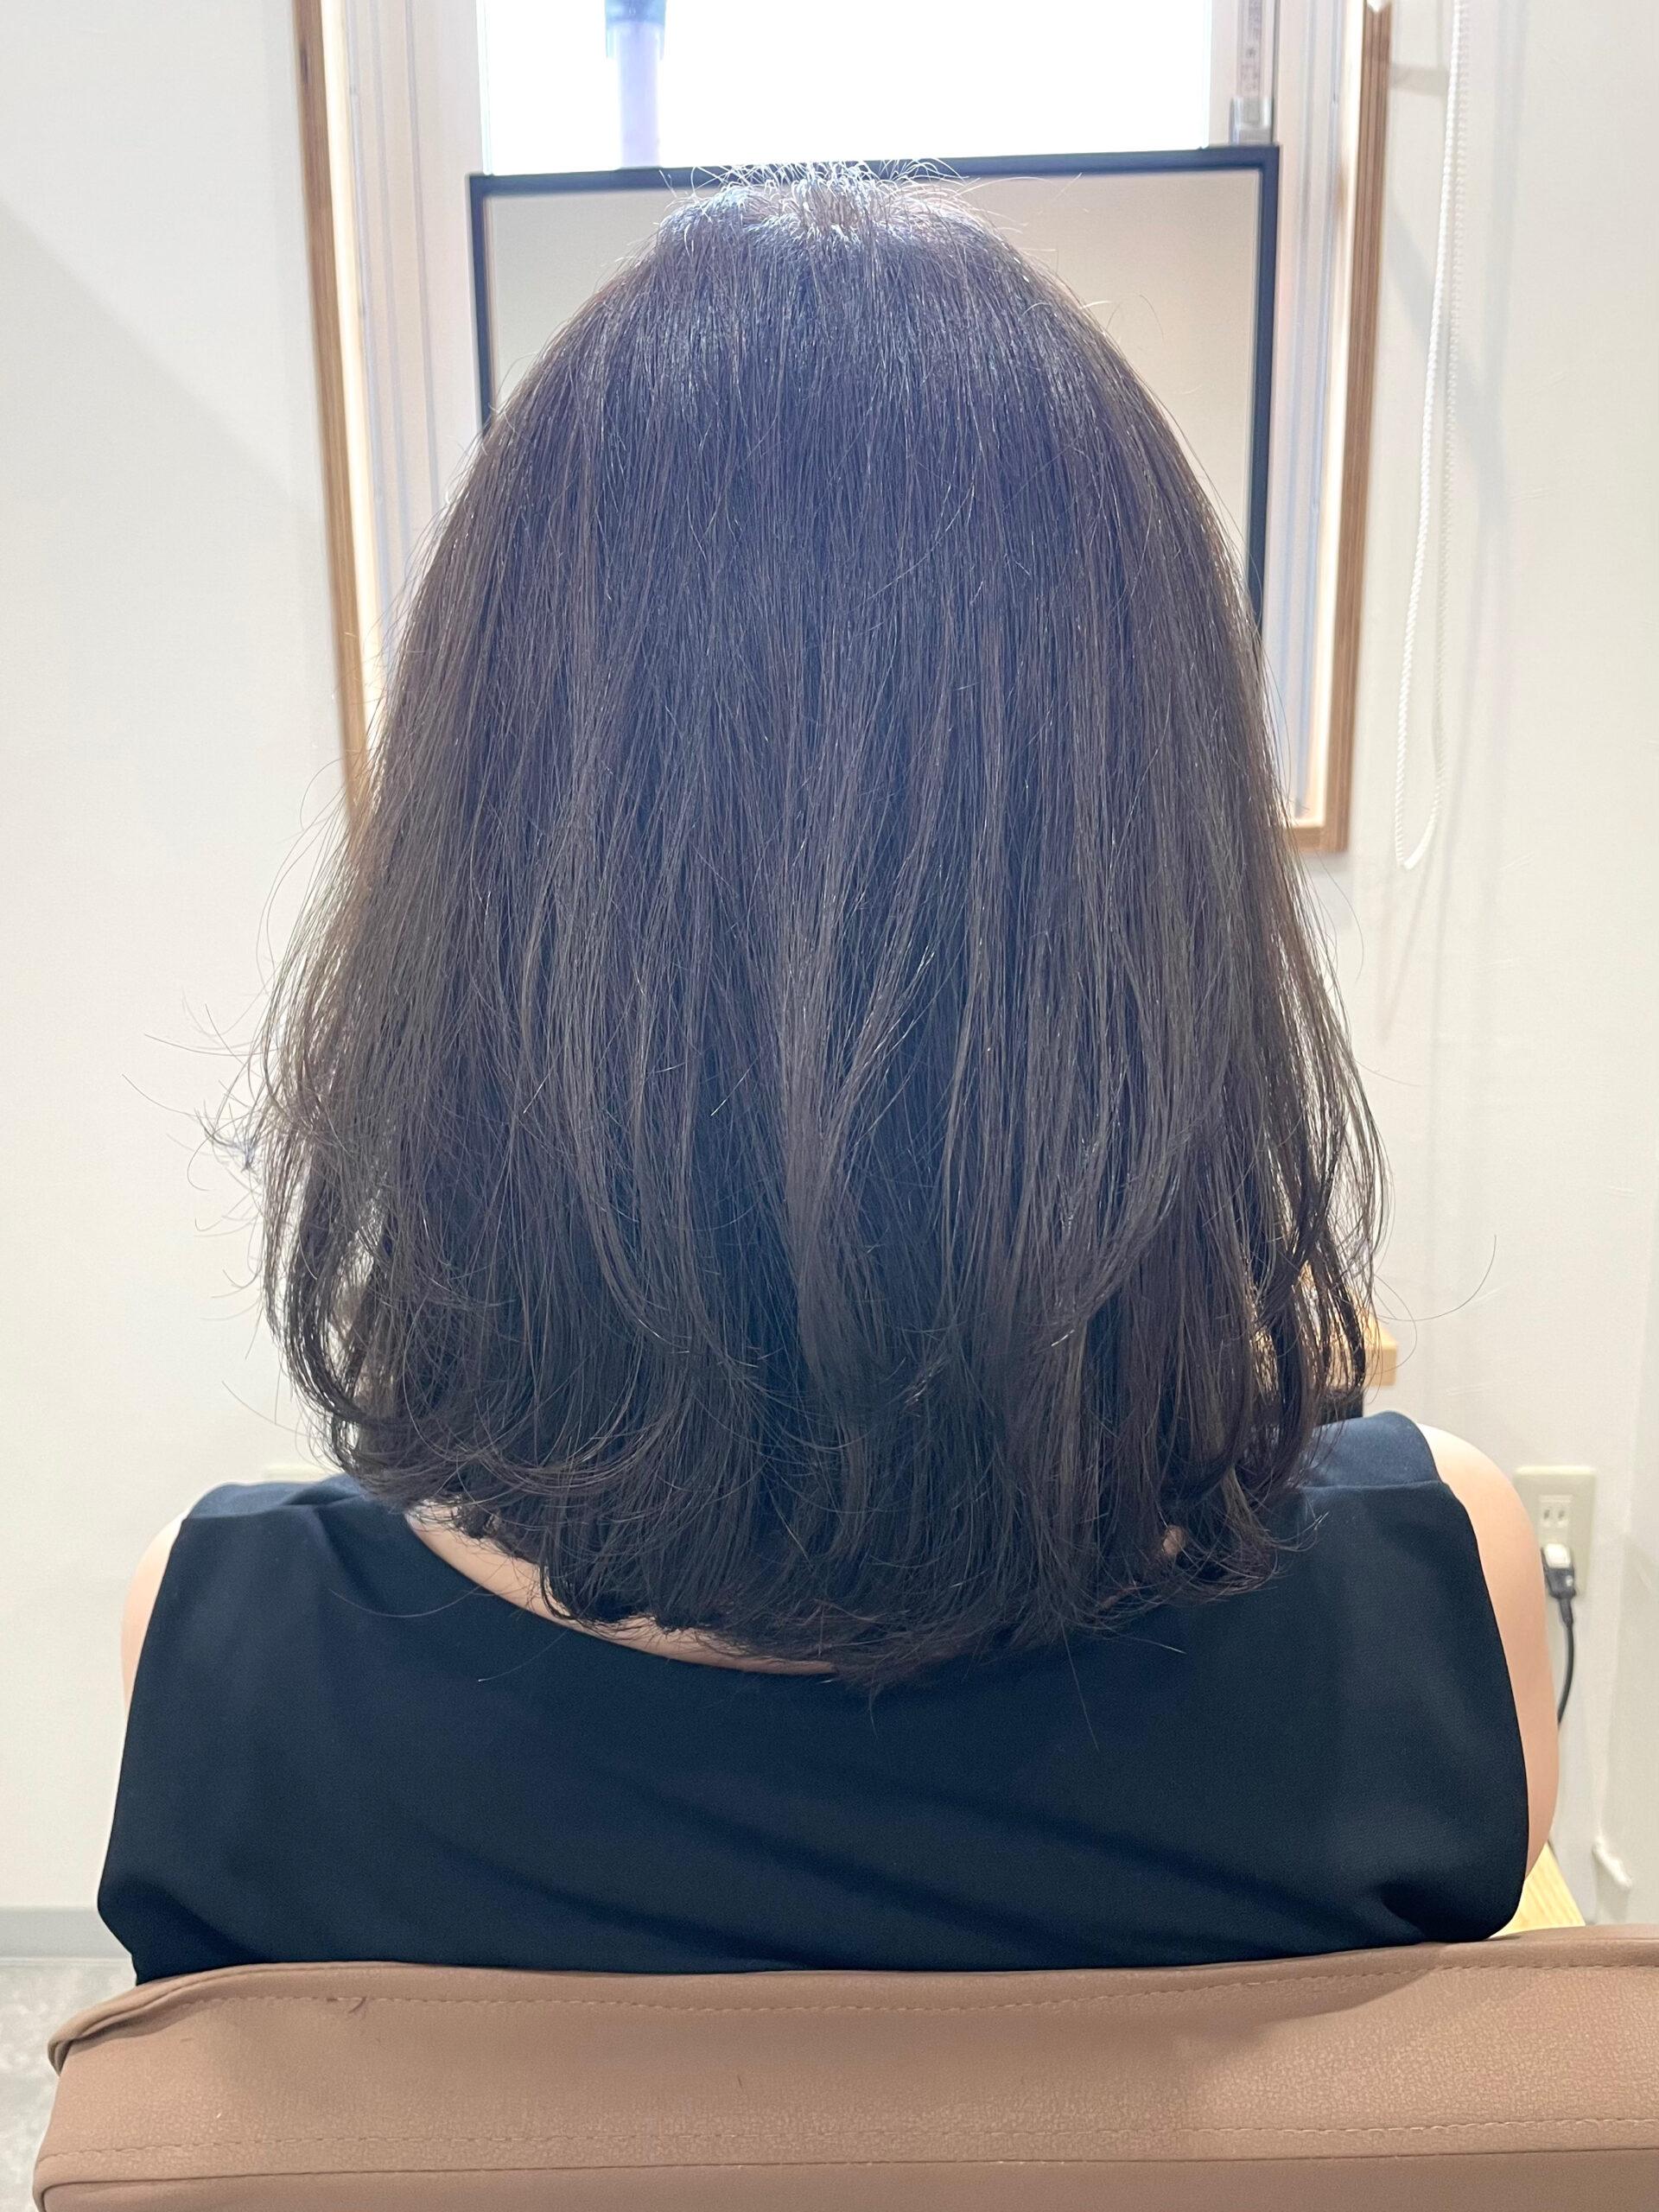 大分県別府市 オレンジっぽくなる髪色を解消『アッシュグレージュのヘアカラー』 アフター